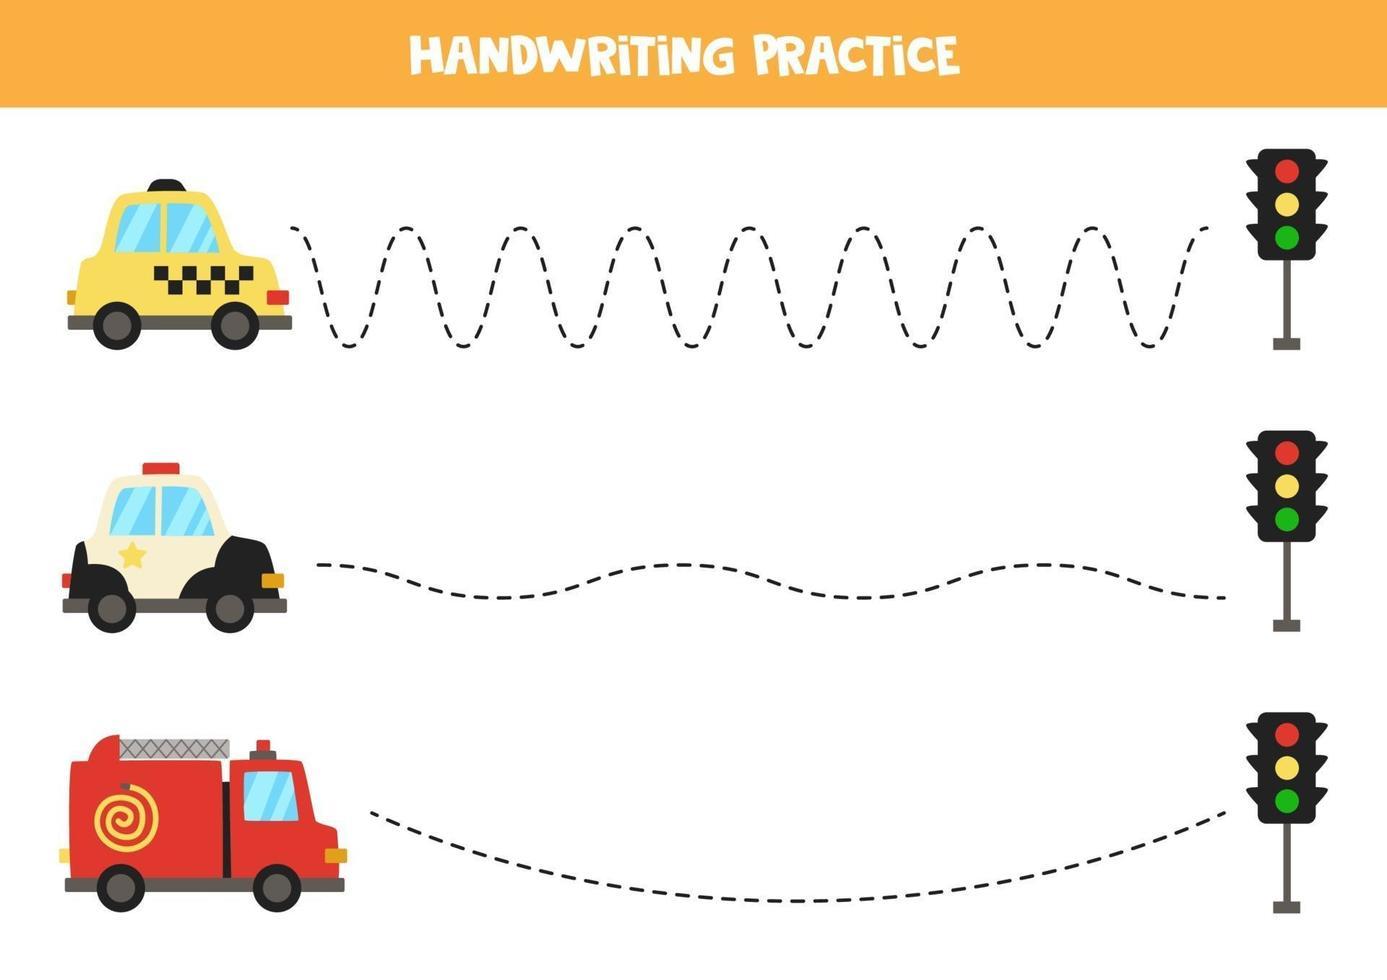 traceer de lijnen met transportmiddelen. Schrijf oefening. vector